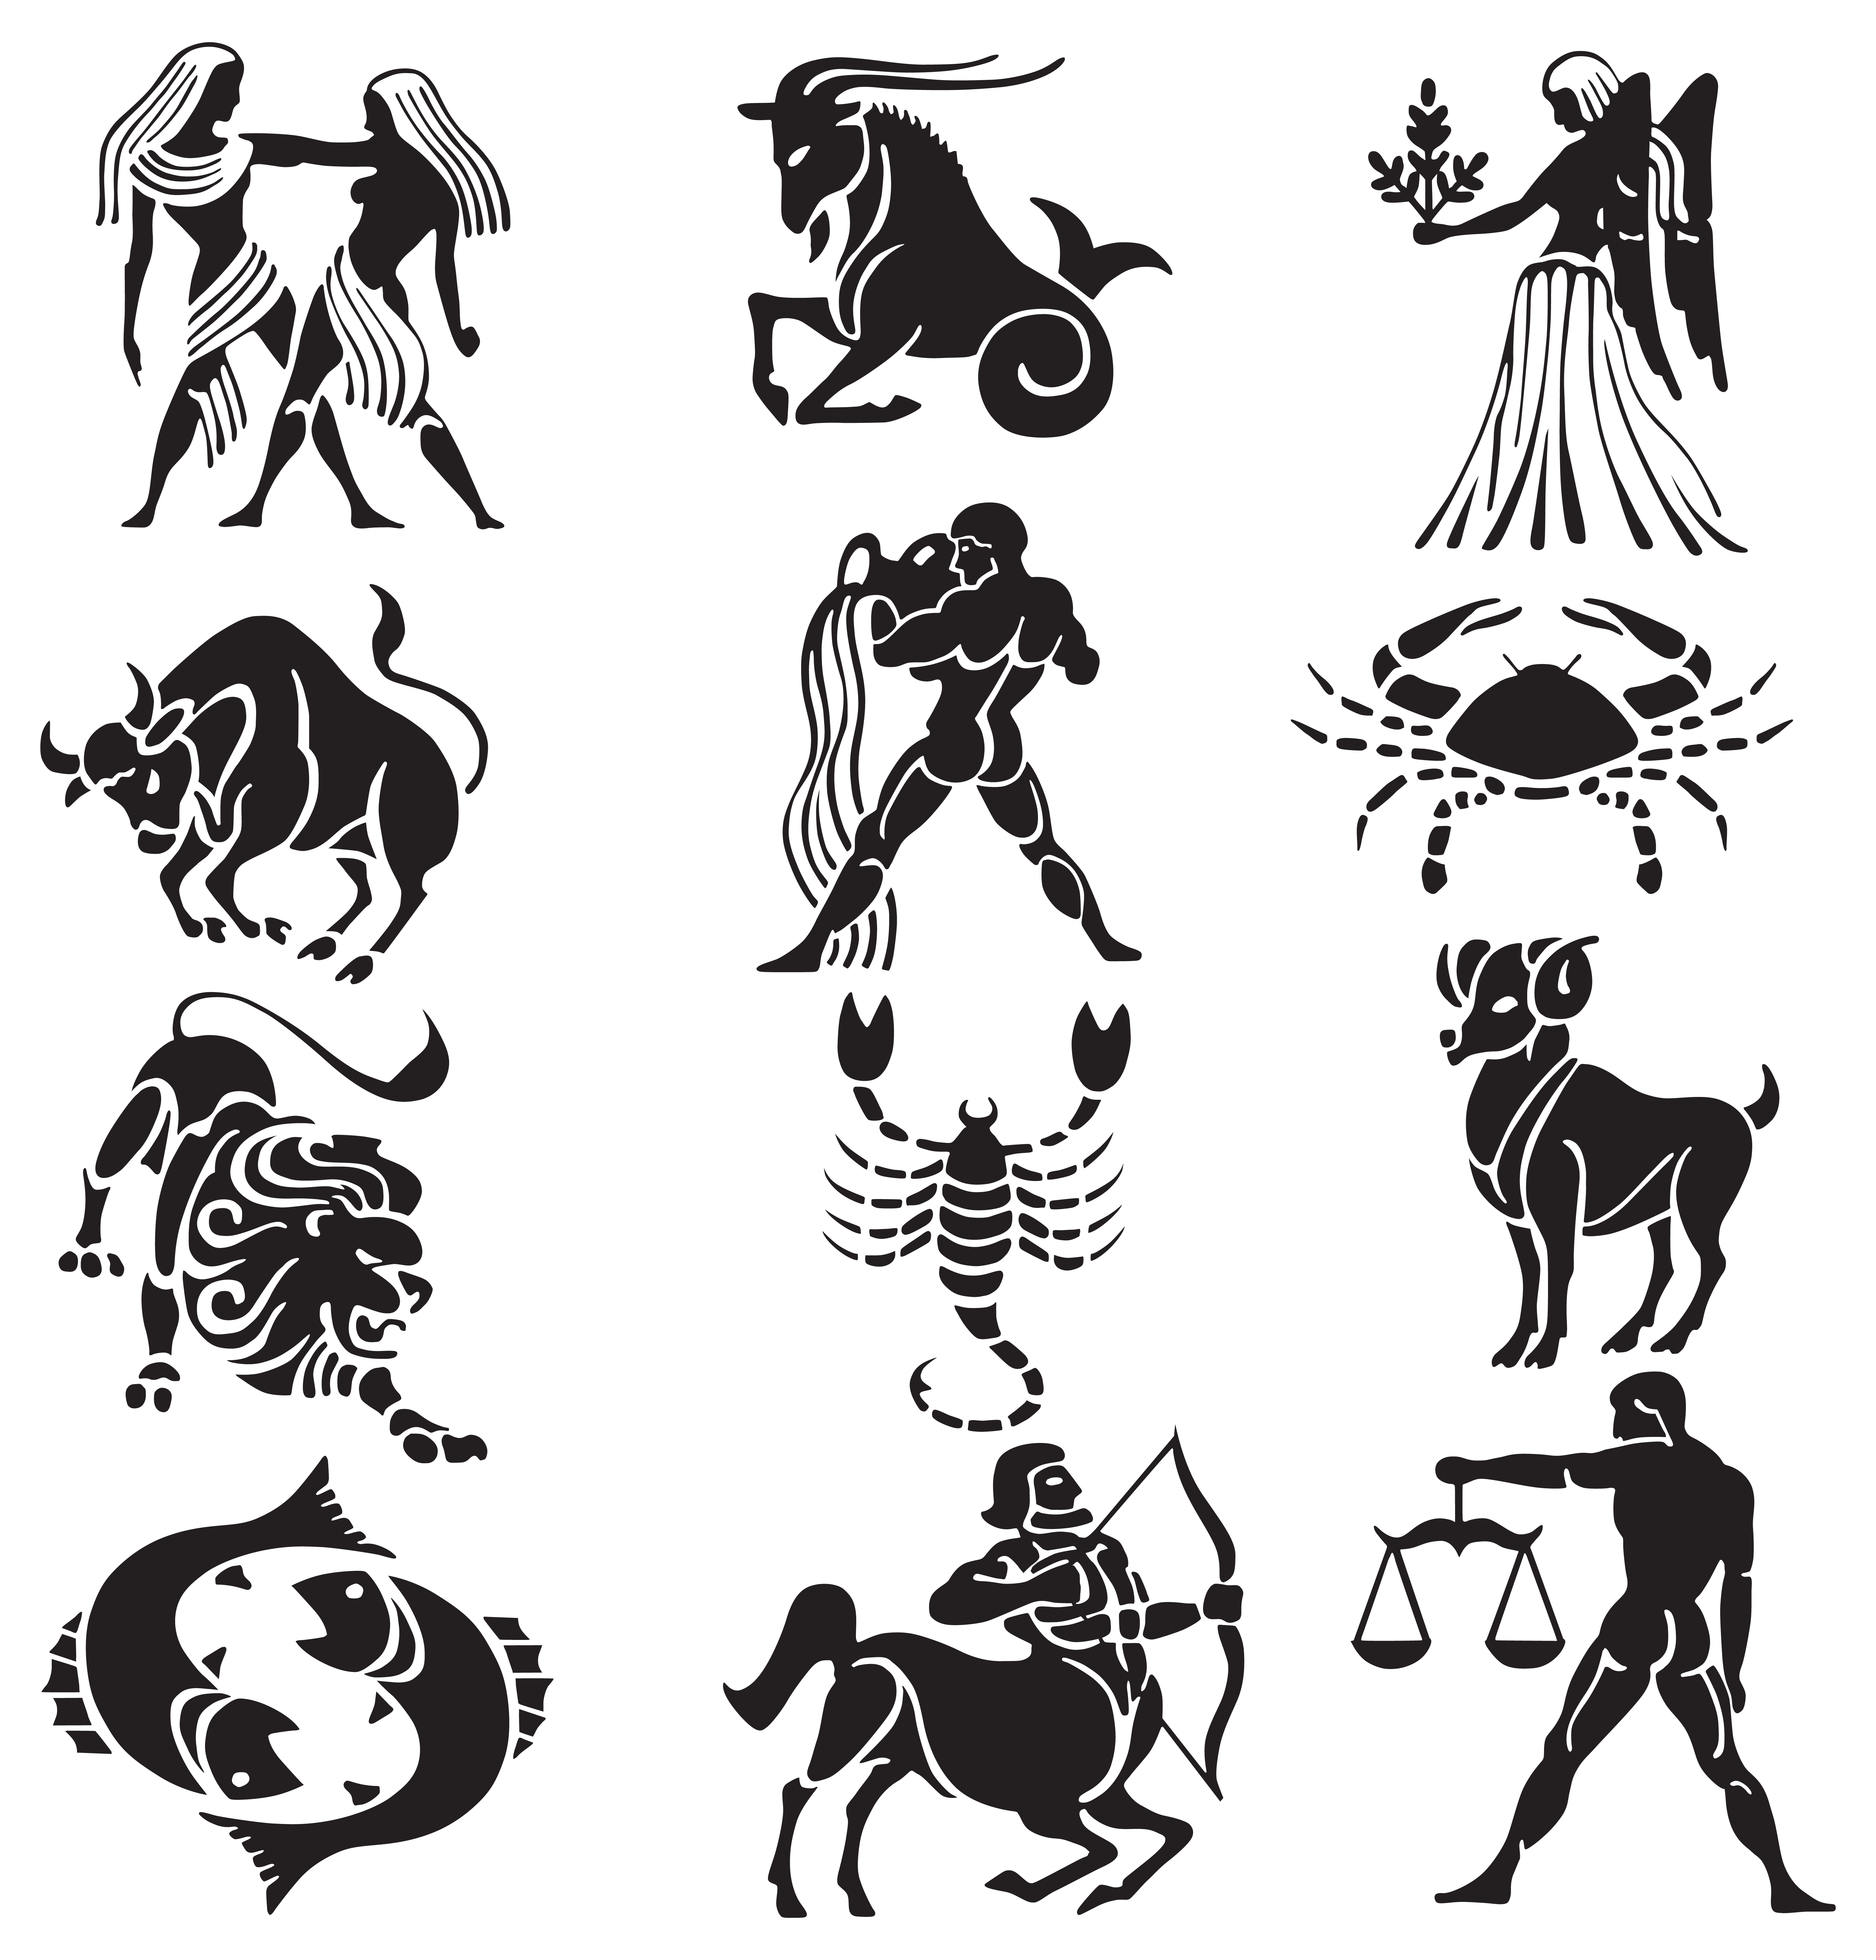 Free Zodiac Cliparts, Download Free Clip Art, Free Clip Art.